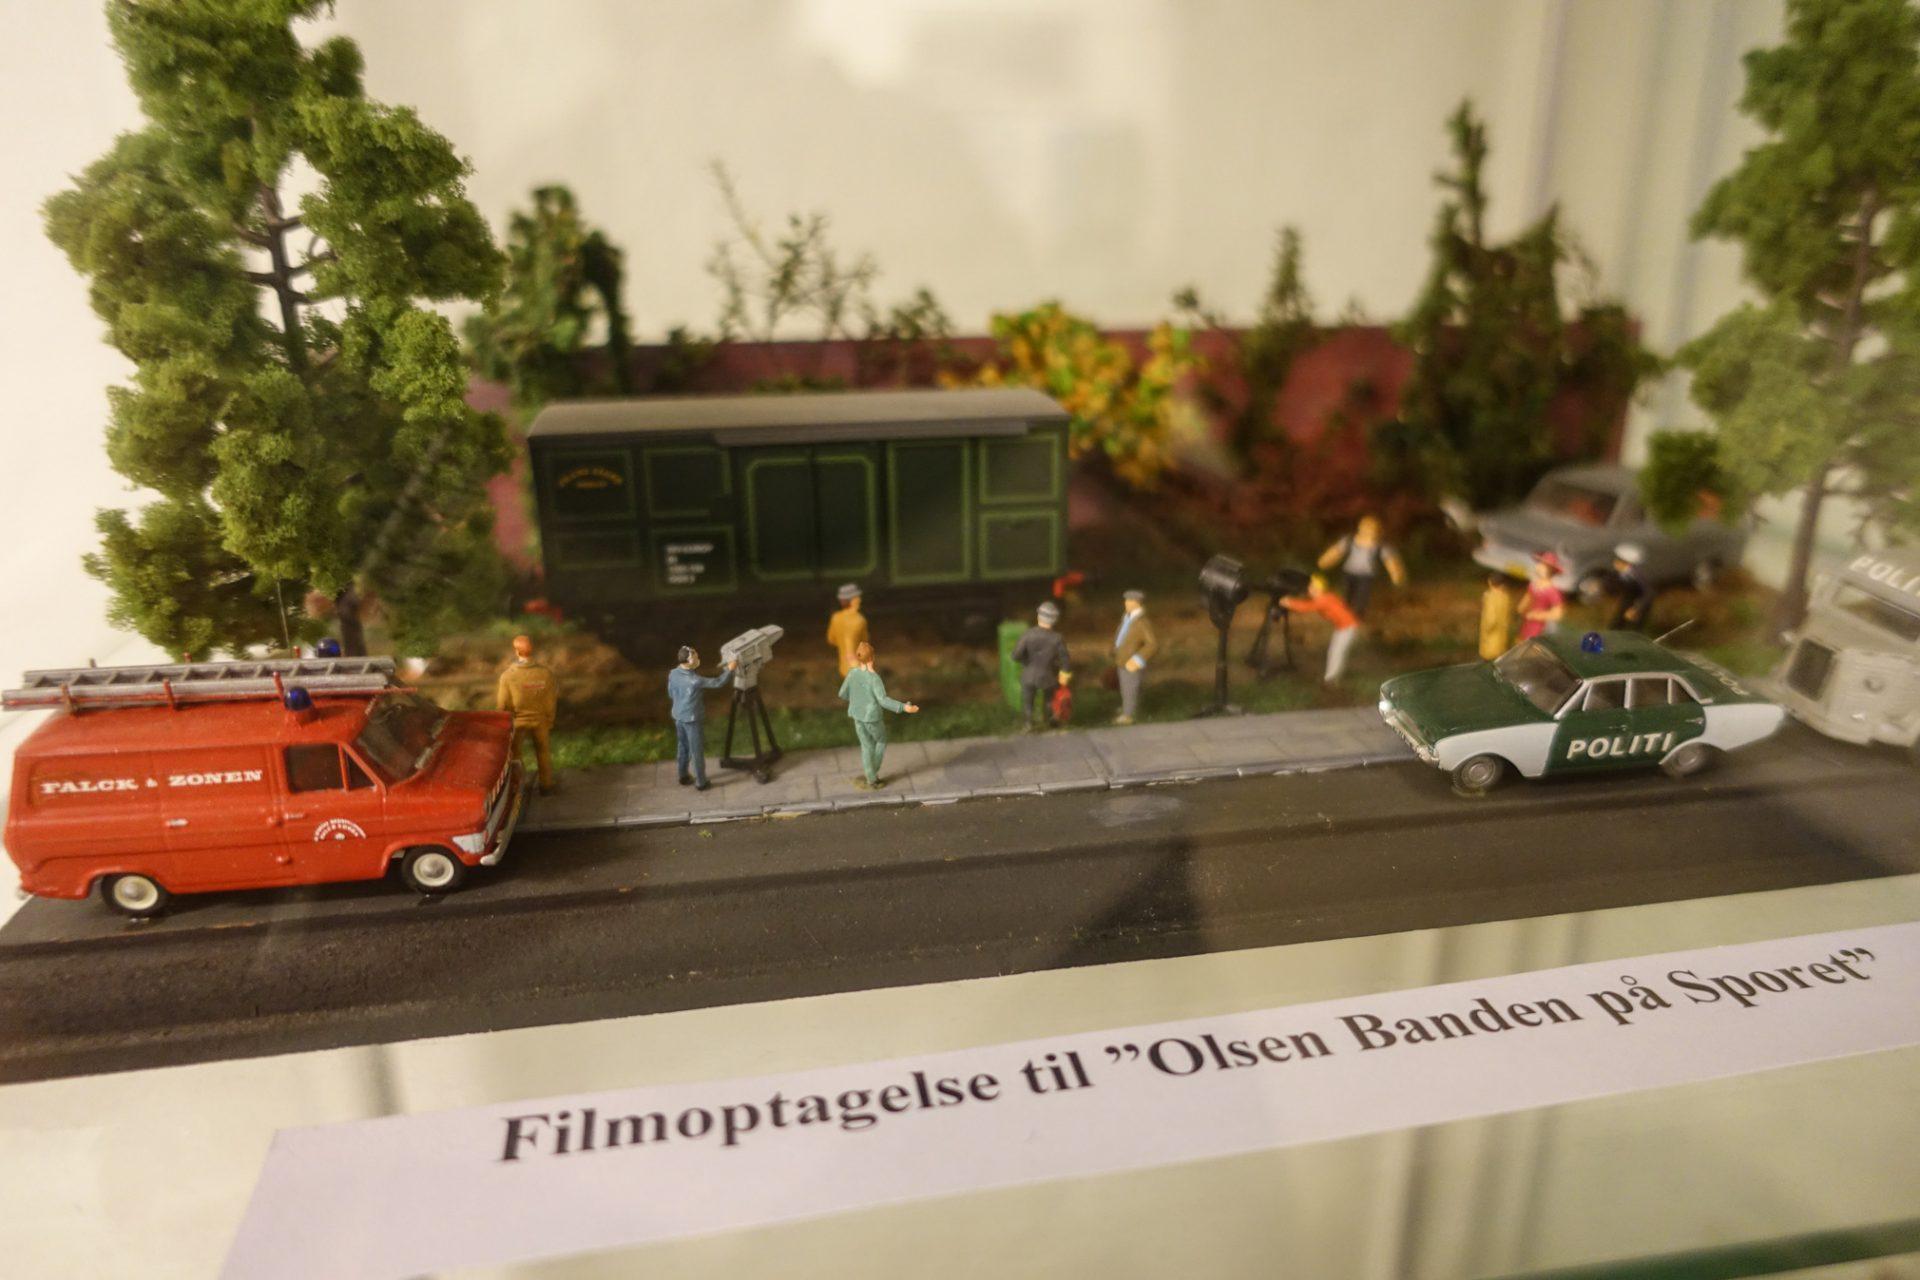 Reportage: Tog i lange baner hos Modelbane Europa i Hadsten